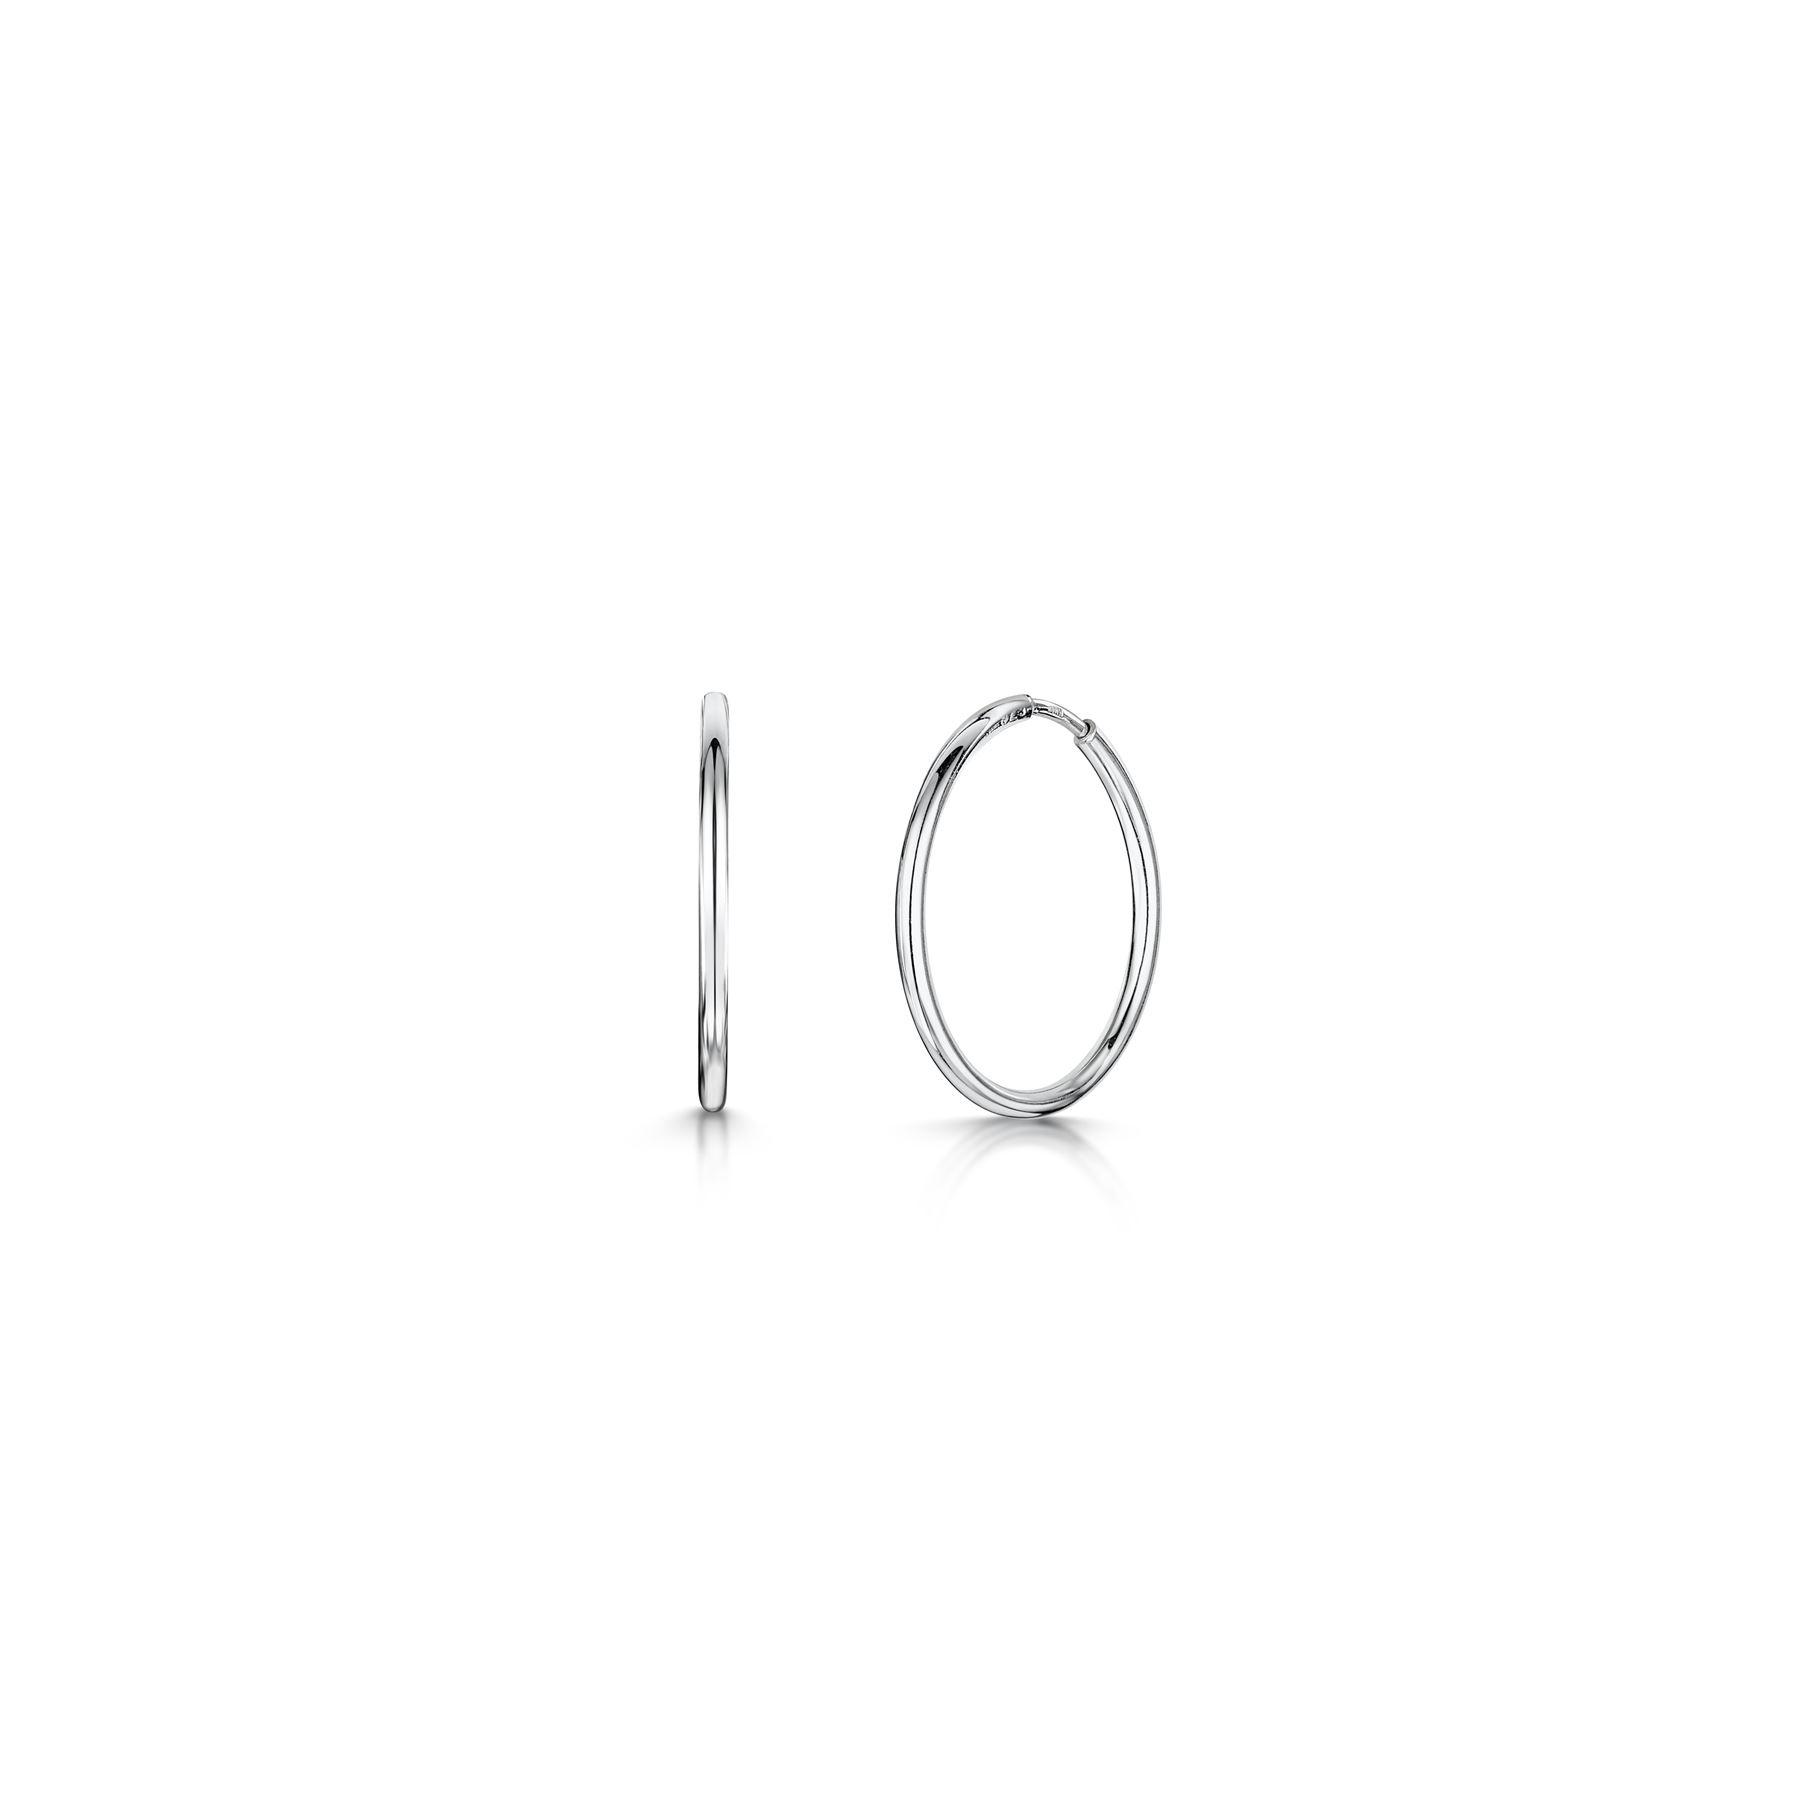 Amberta-Pendientes-para-Mujer-Aros-en-Plata-De-Ley-925-Autentica-Estilo-Clasico miniatura 18